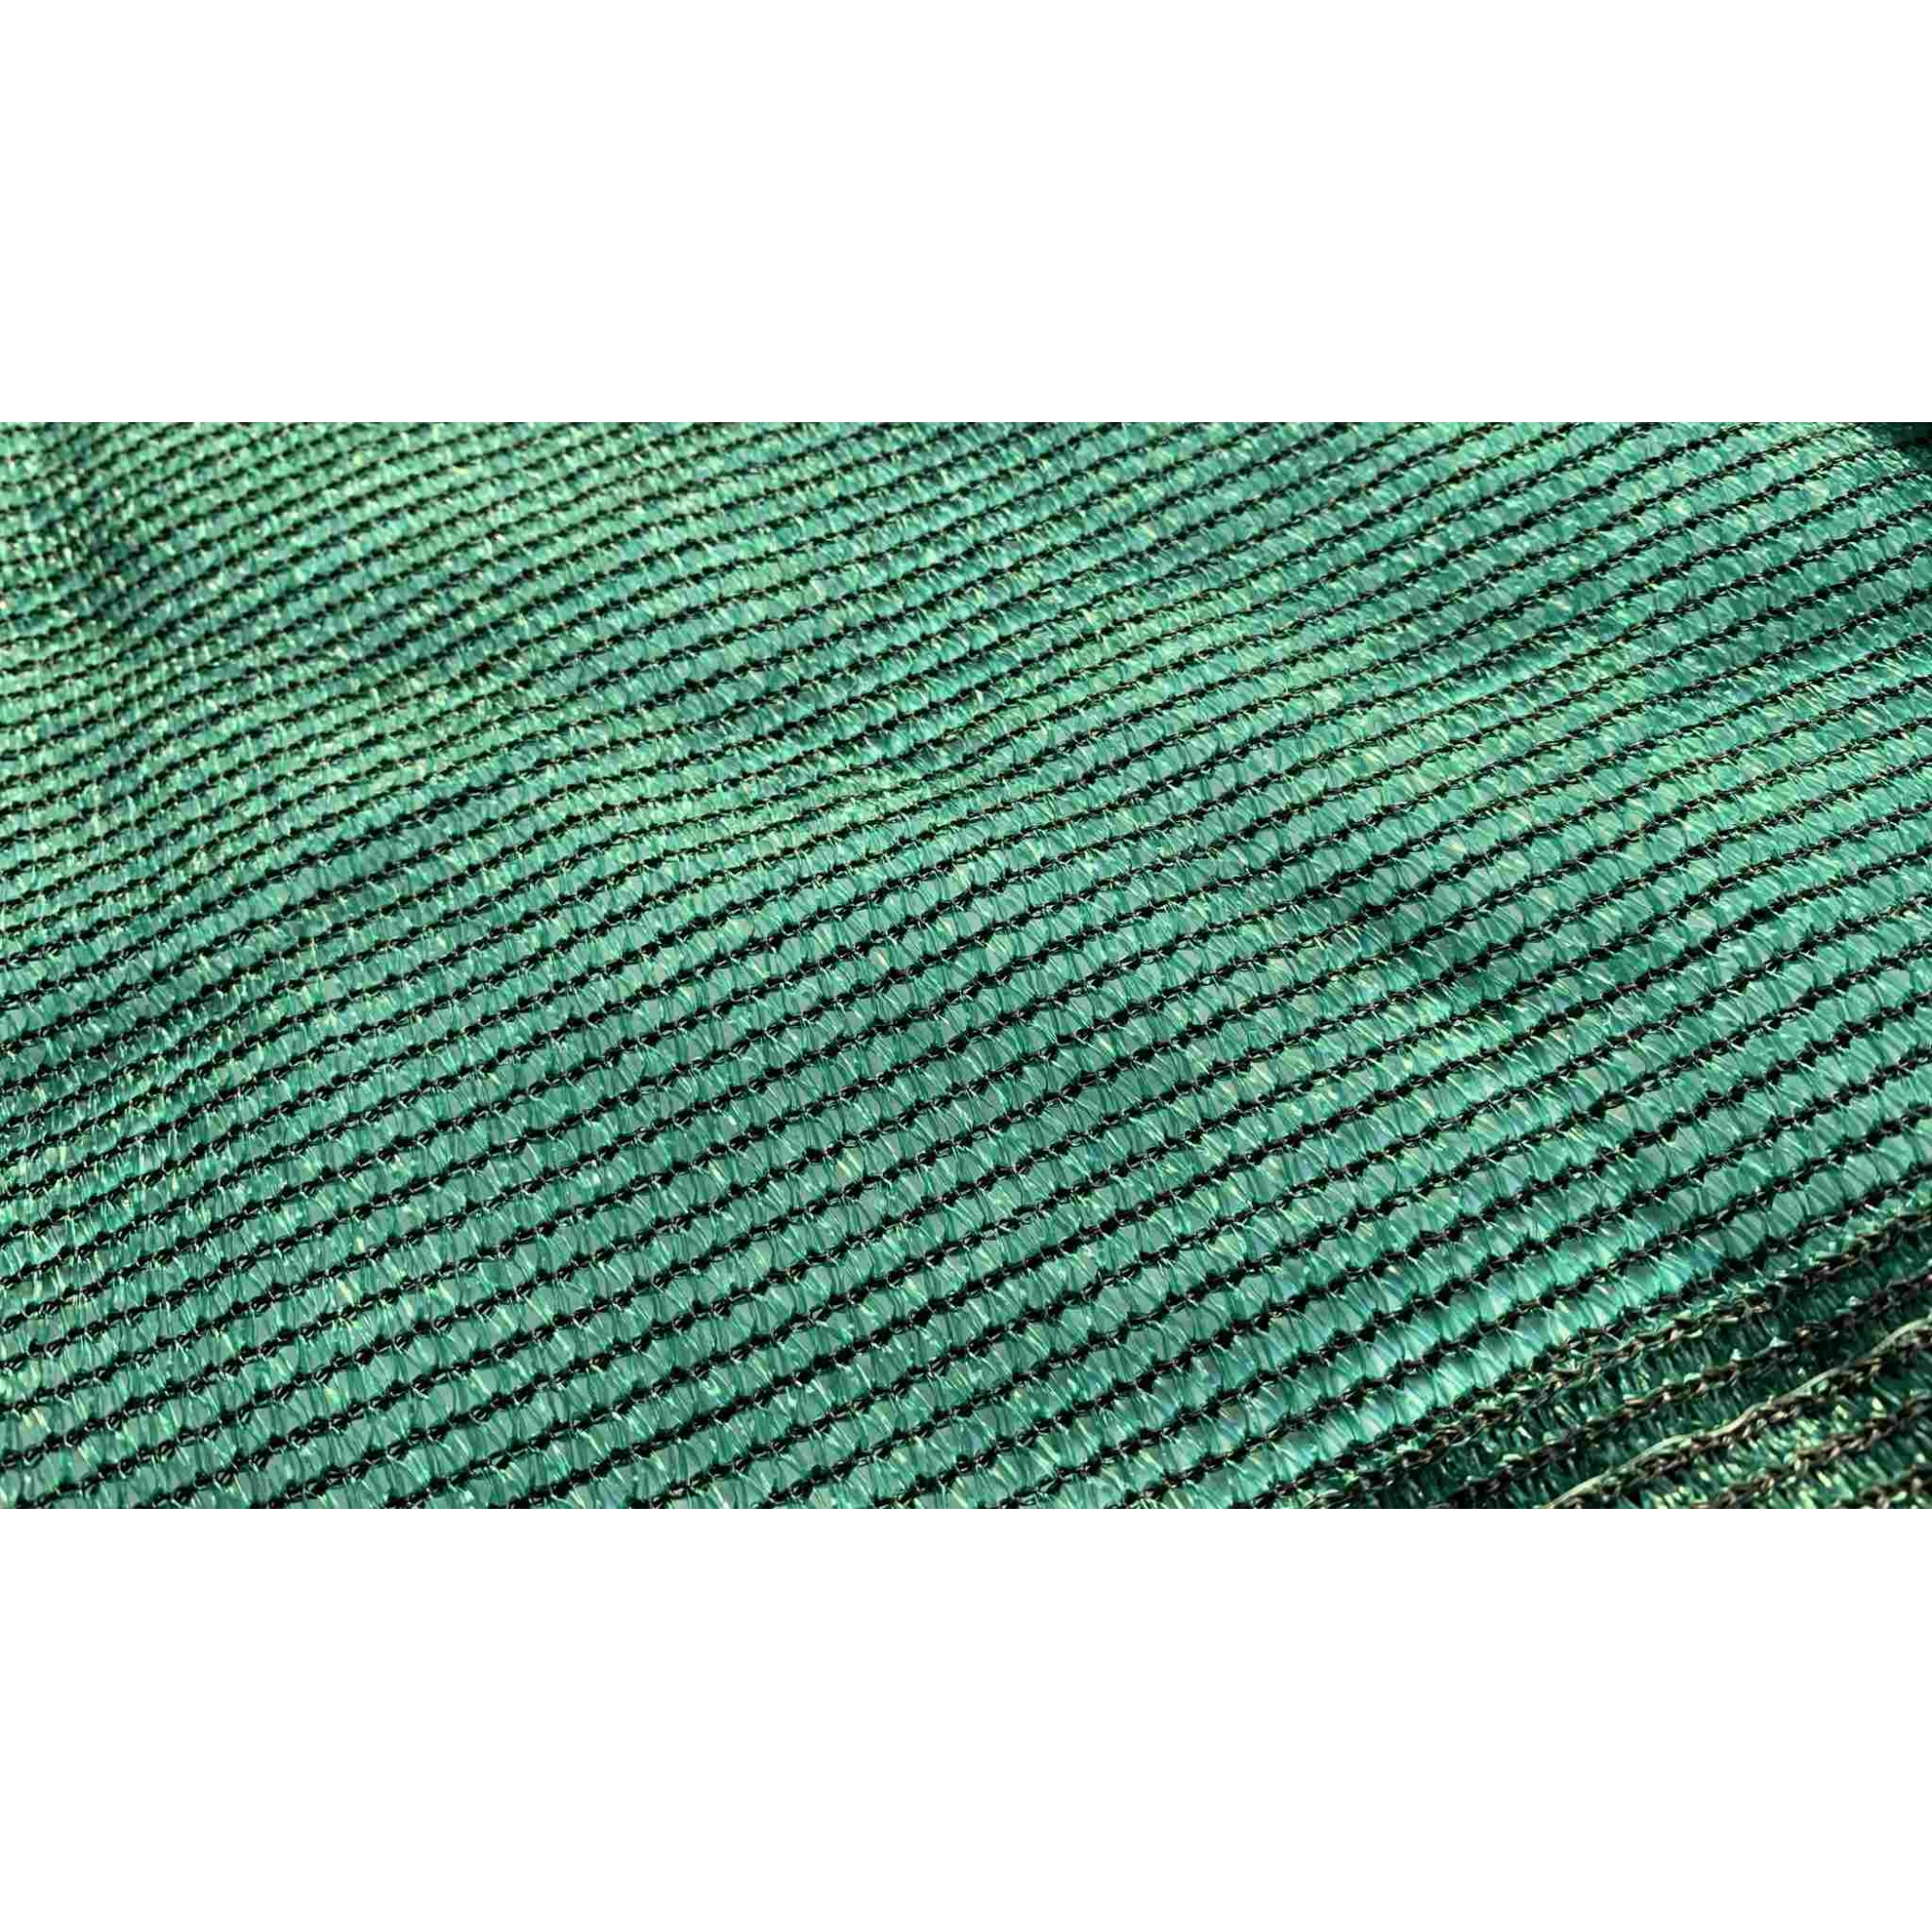 Tela de Sombreamento 80% Verde com Bainha e Ilhós - Largura: 3 Metros